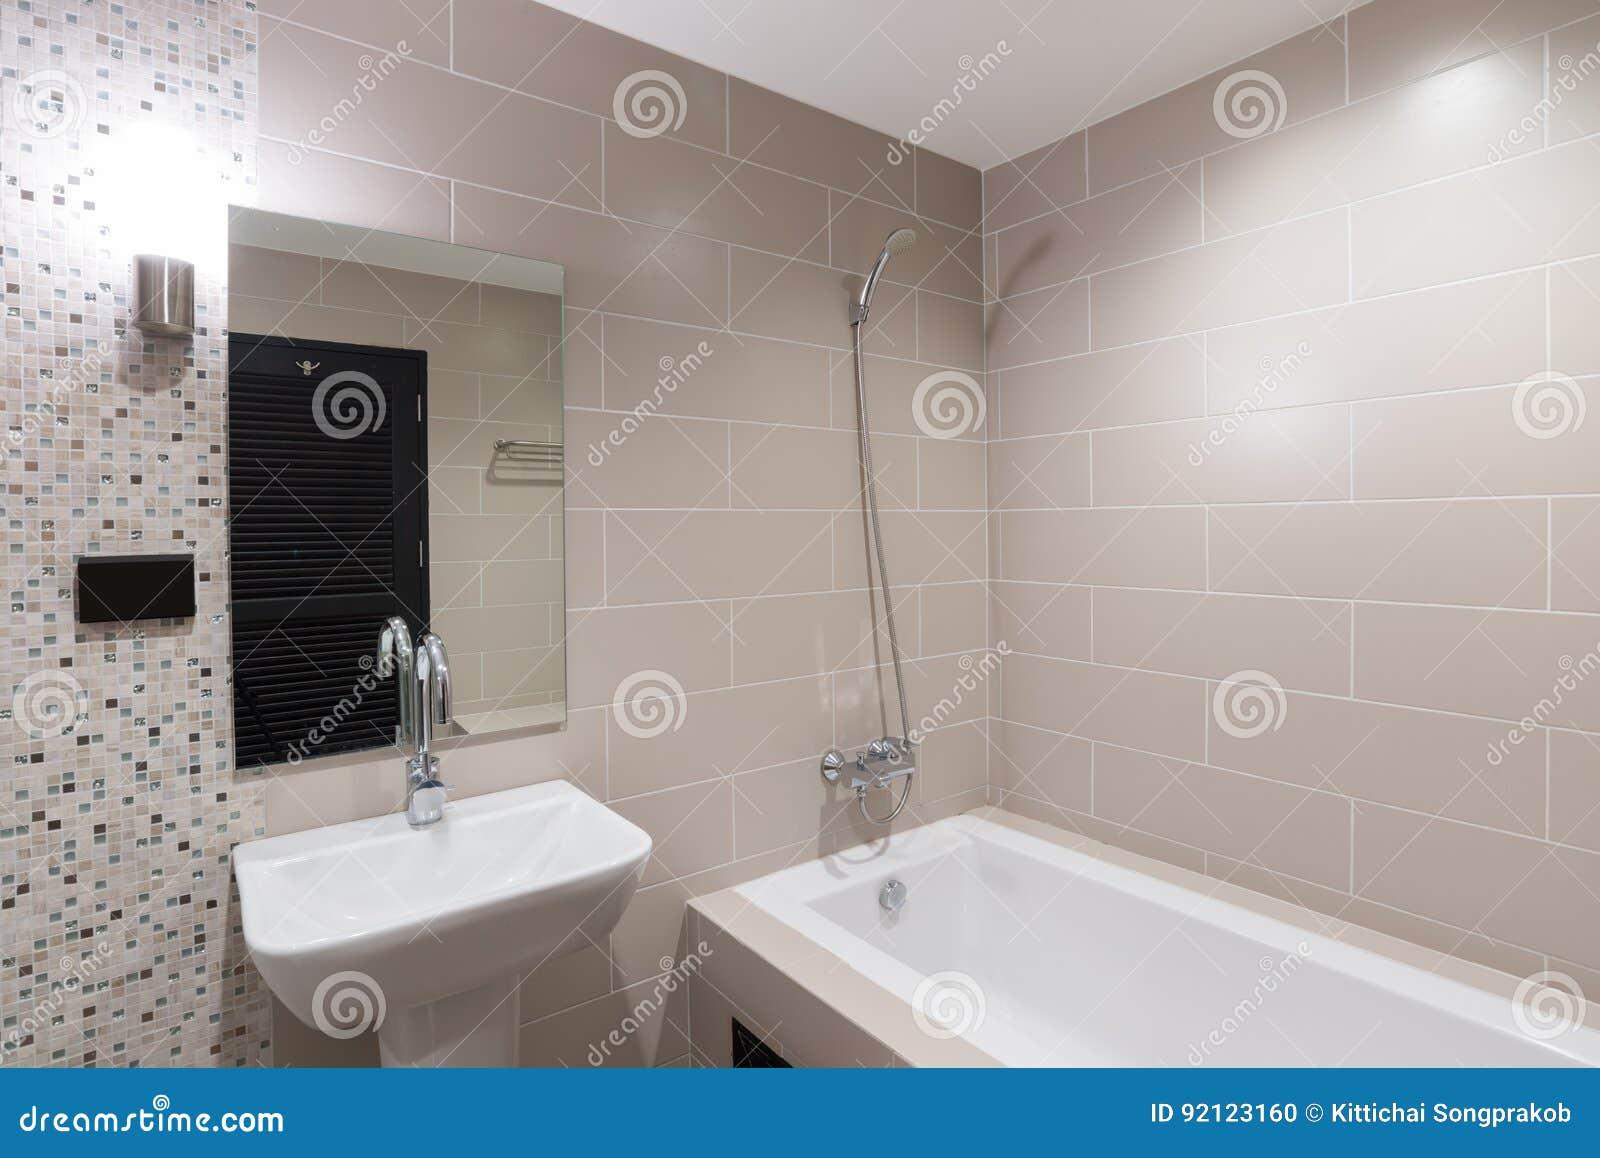 Bagno Moderno Con Una Doccia E Una Vasca Fotografia Stock - Immagine ...